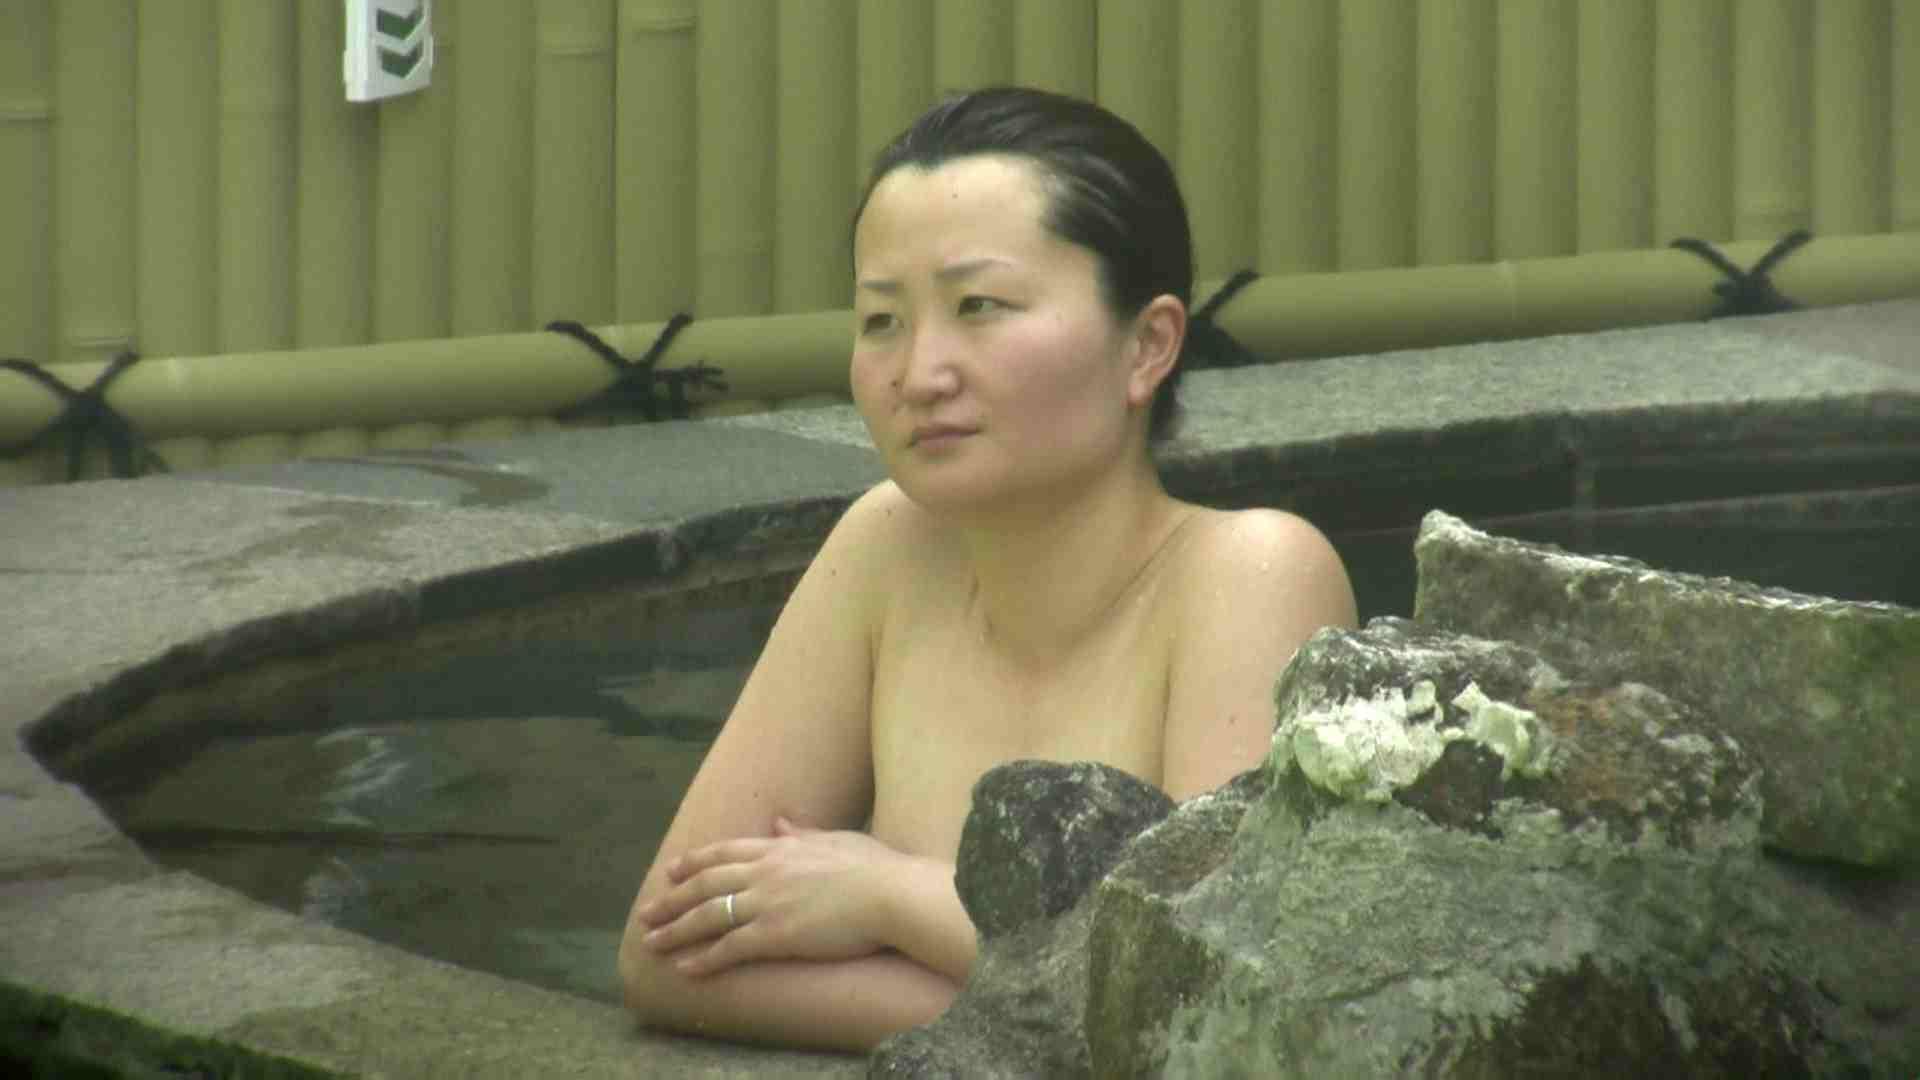 Aquaな露天風呂Vol.632 女体盗撮 | 露天  75連発 10